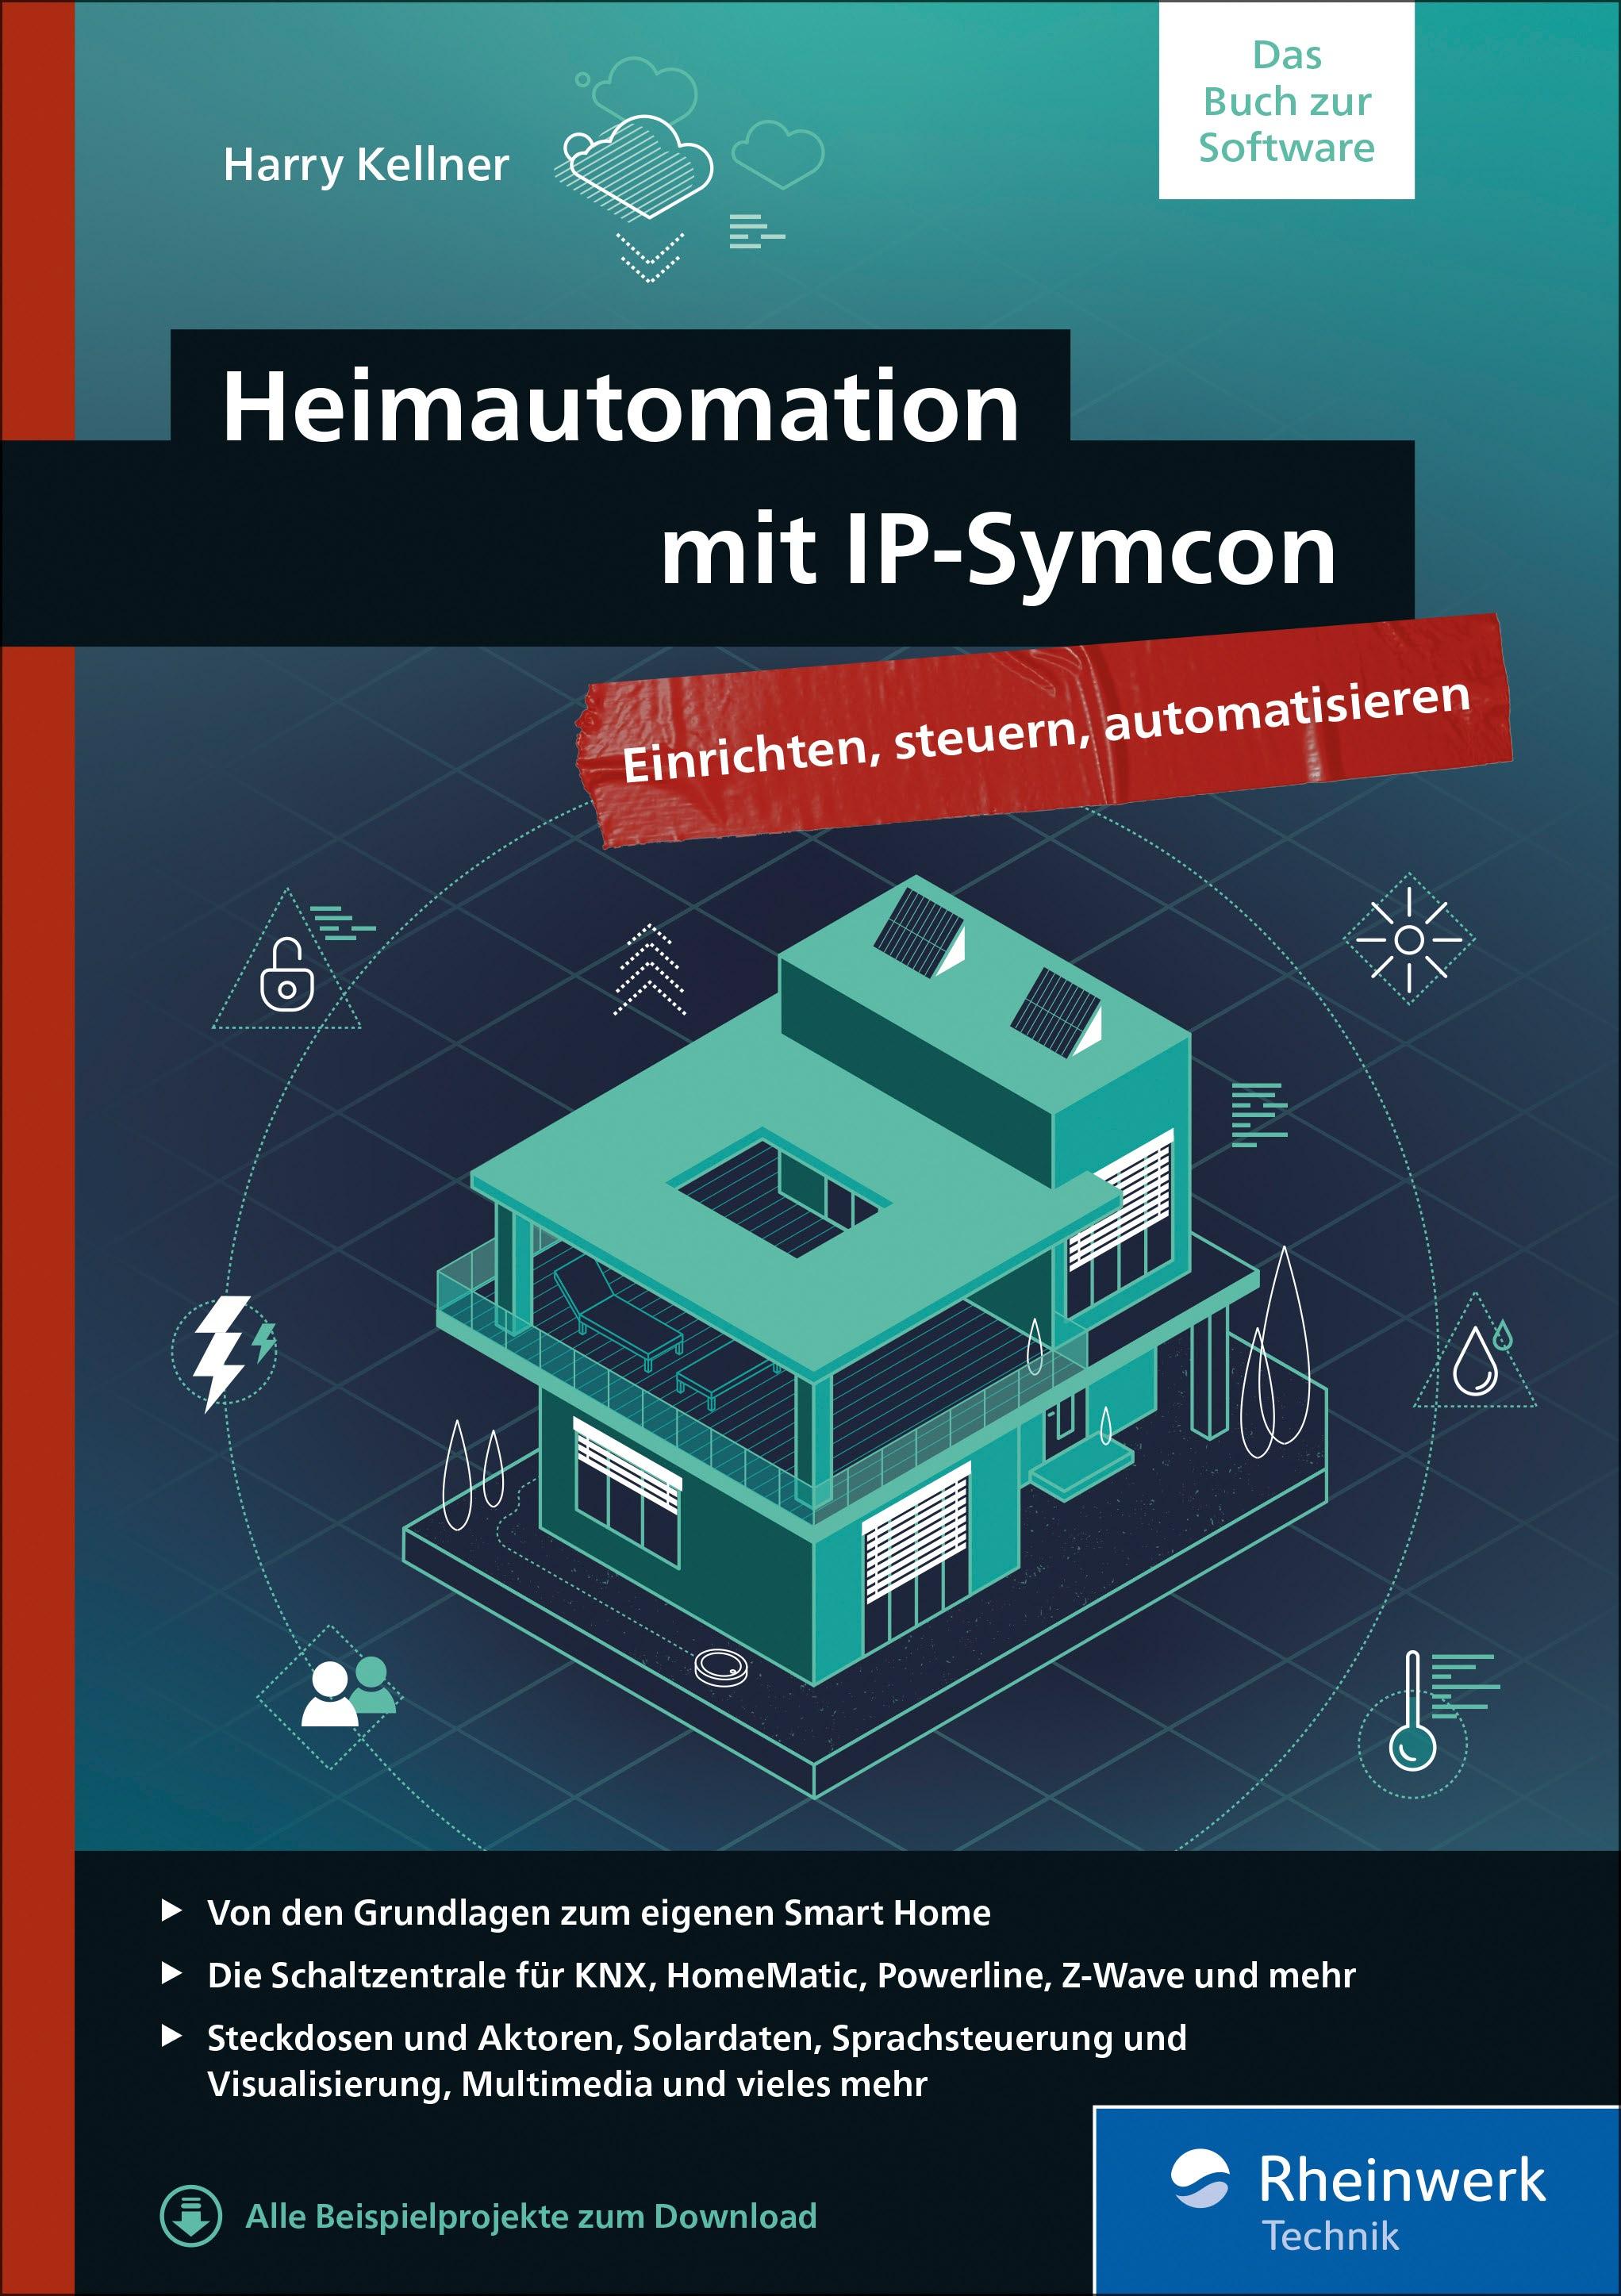 IP-Symcon